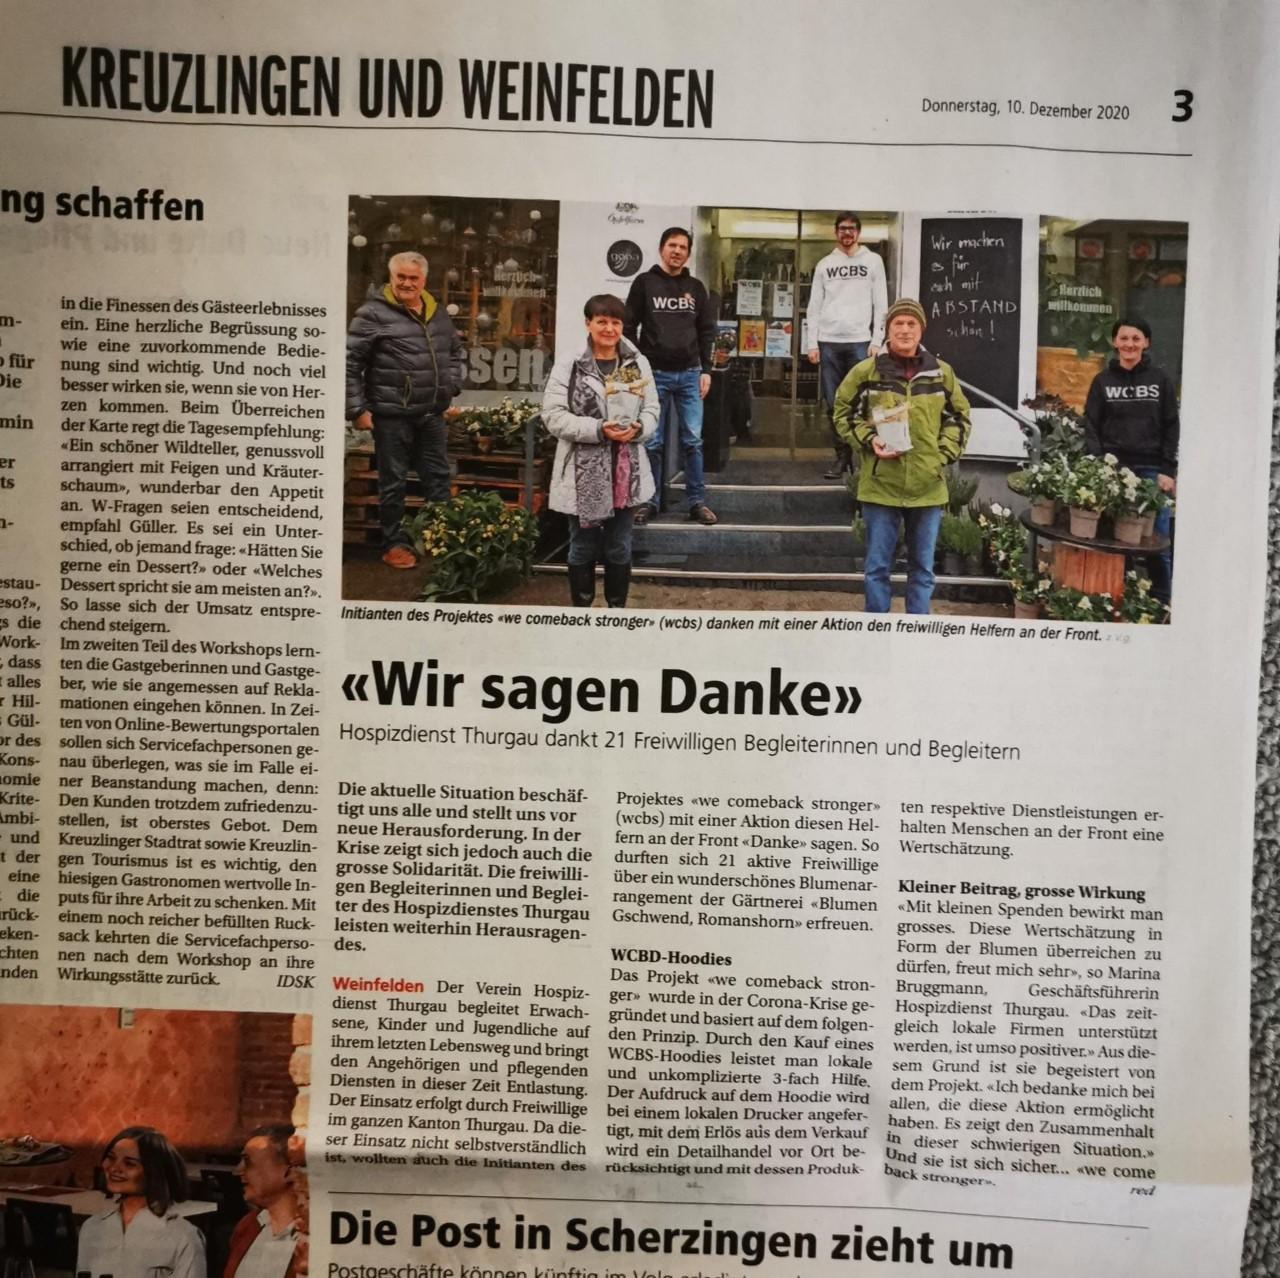 Erfolgreiche WCBS-Aktion - Blumenarrangements für freiwillige Begleiter*innen Hospizdienst Thurgau, 2020